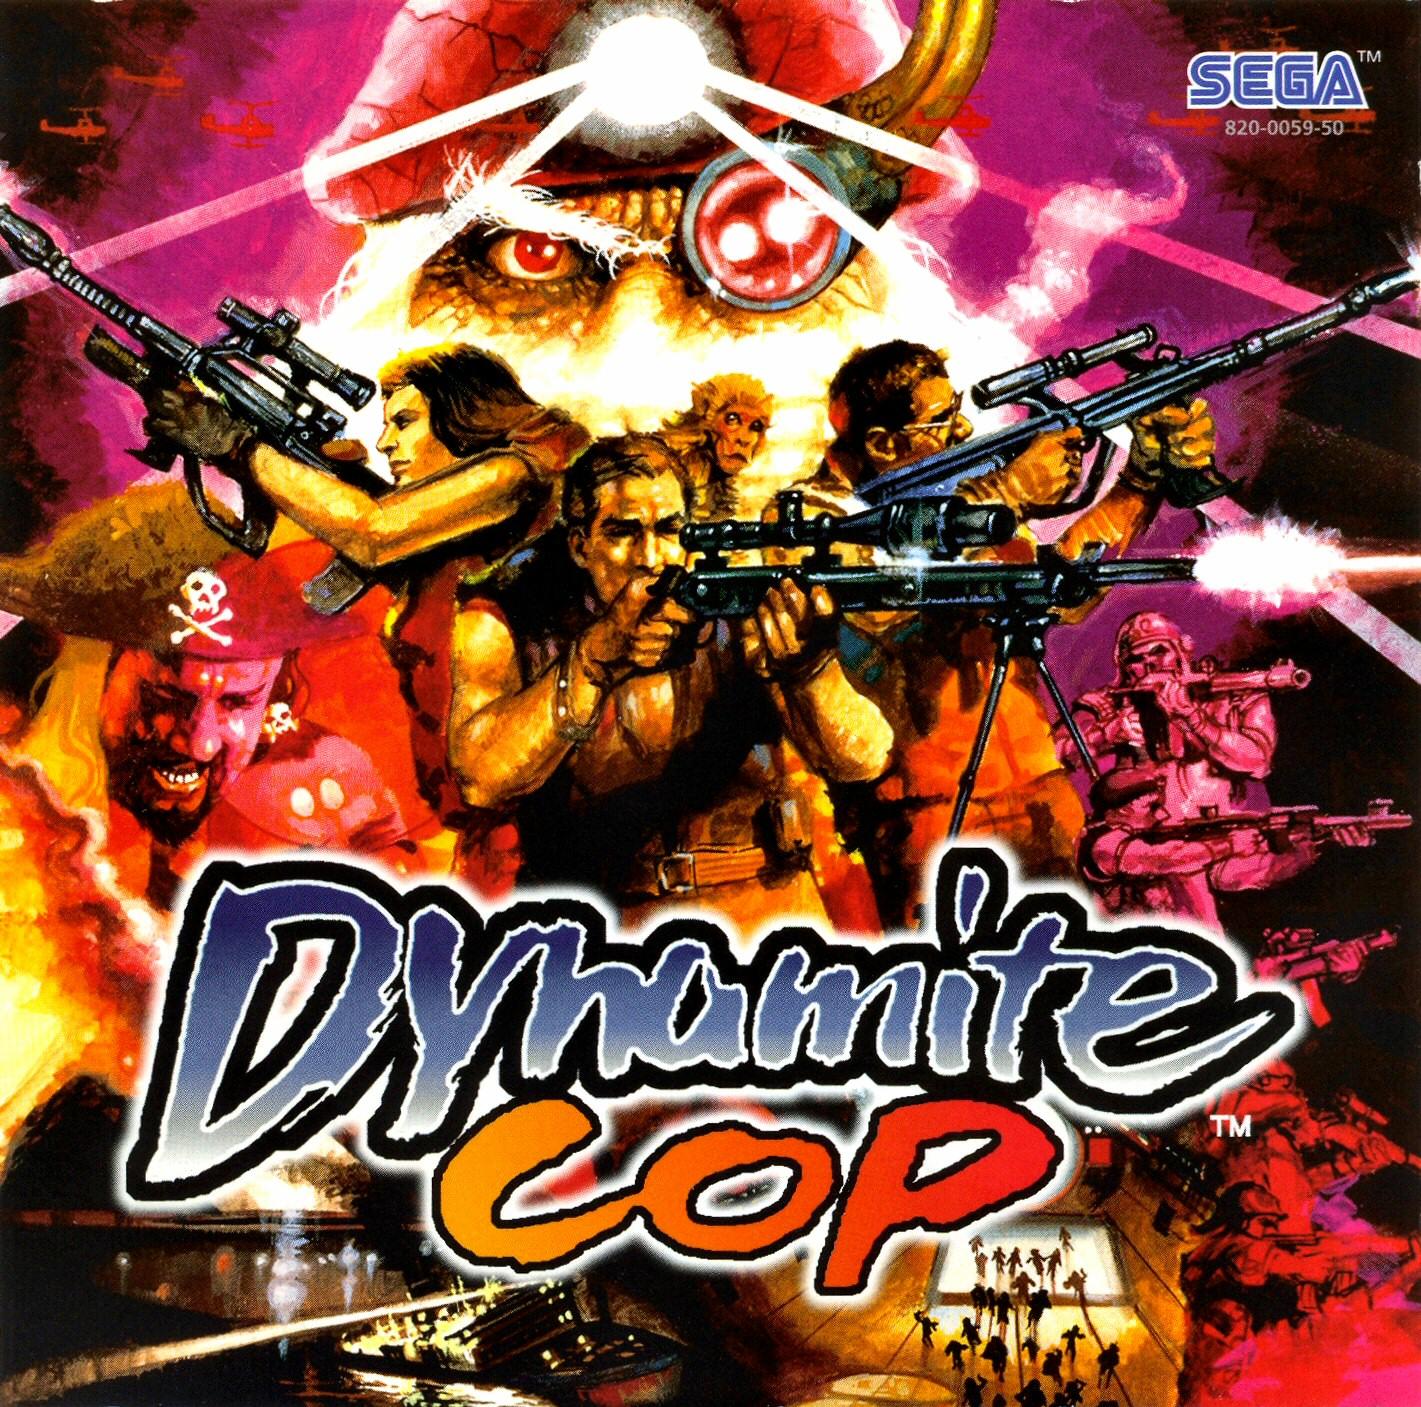 Dynamite deka 2 dreamcast iso telechargements :: butsuivrijry tk